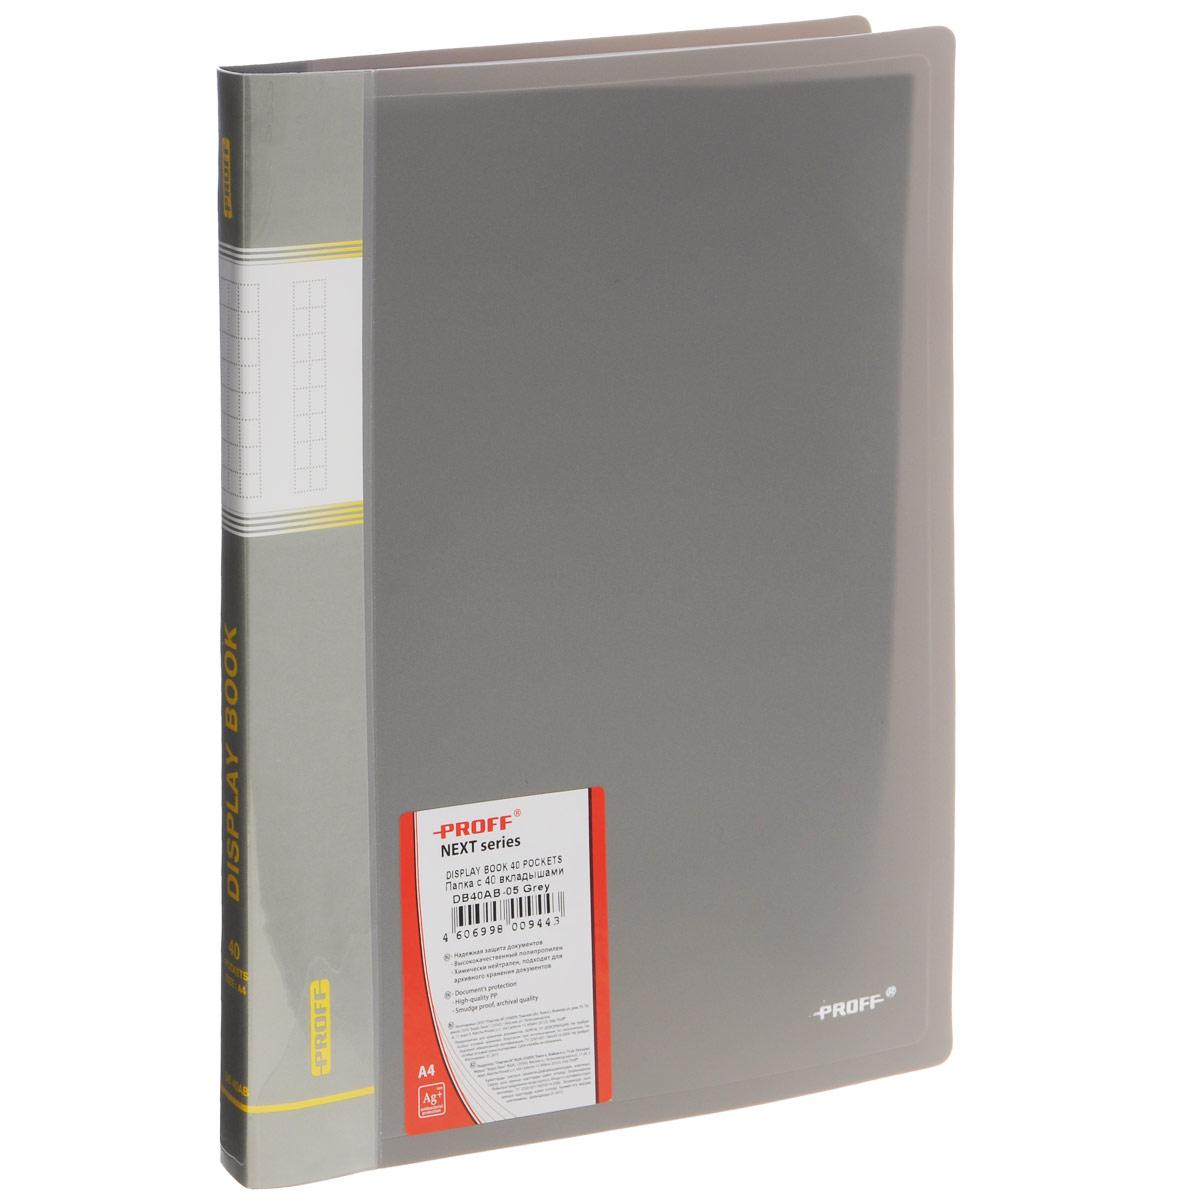 Proff Папка с файлами Next 40 листов цвет серыйFS-54384Папка с файлами Proff Next, изготовленная из высококачественного плотного полипропилена - это удобный и практичный офисный инструмент, предназначенный для хранения и транспортировки рабочих бумаг и документов формата А4.Папка оснащена 40 вклеенными прозрачными файлами.Папка с файлами - это незаменимый атрибут для студента, школьника, офисного работника. Такая папка надежно сохранит ваши документы и сбережет их от повреждений, пыли и влаги.